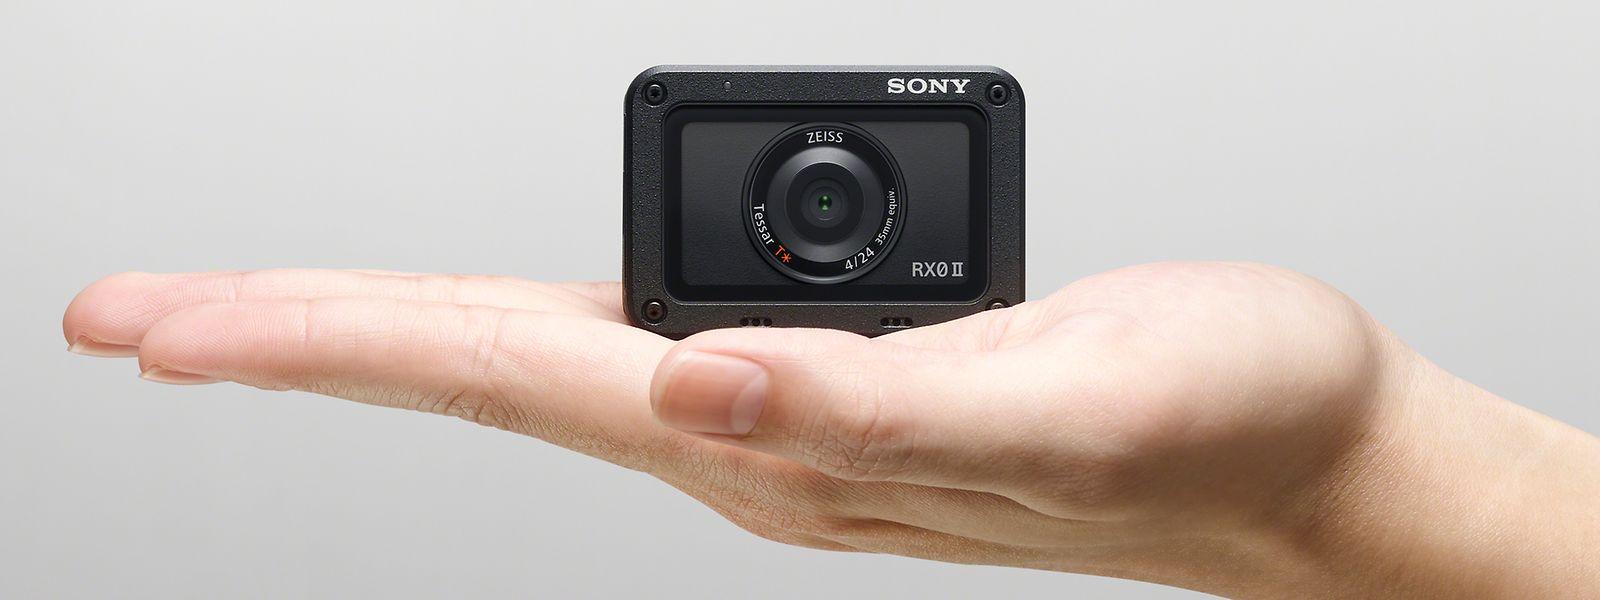 Die Maße des Kamera-Winzlings: 5,9 x 4 x 3,5 Zentimeter.